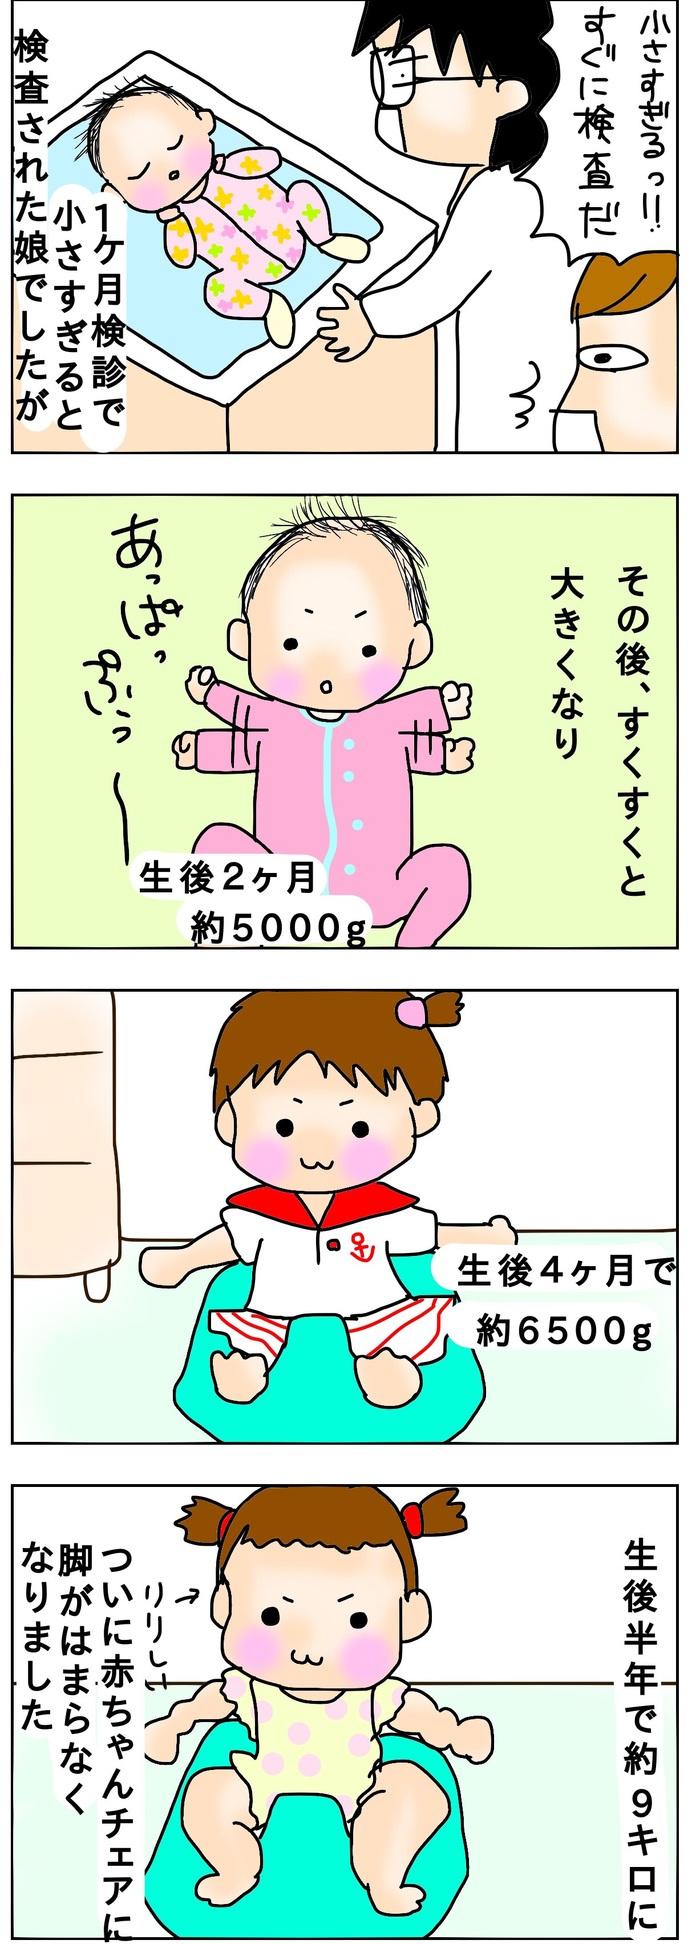 子どもの成長にも個性がある!ゆっくりマイペースに見守ろうの画像1